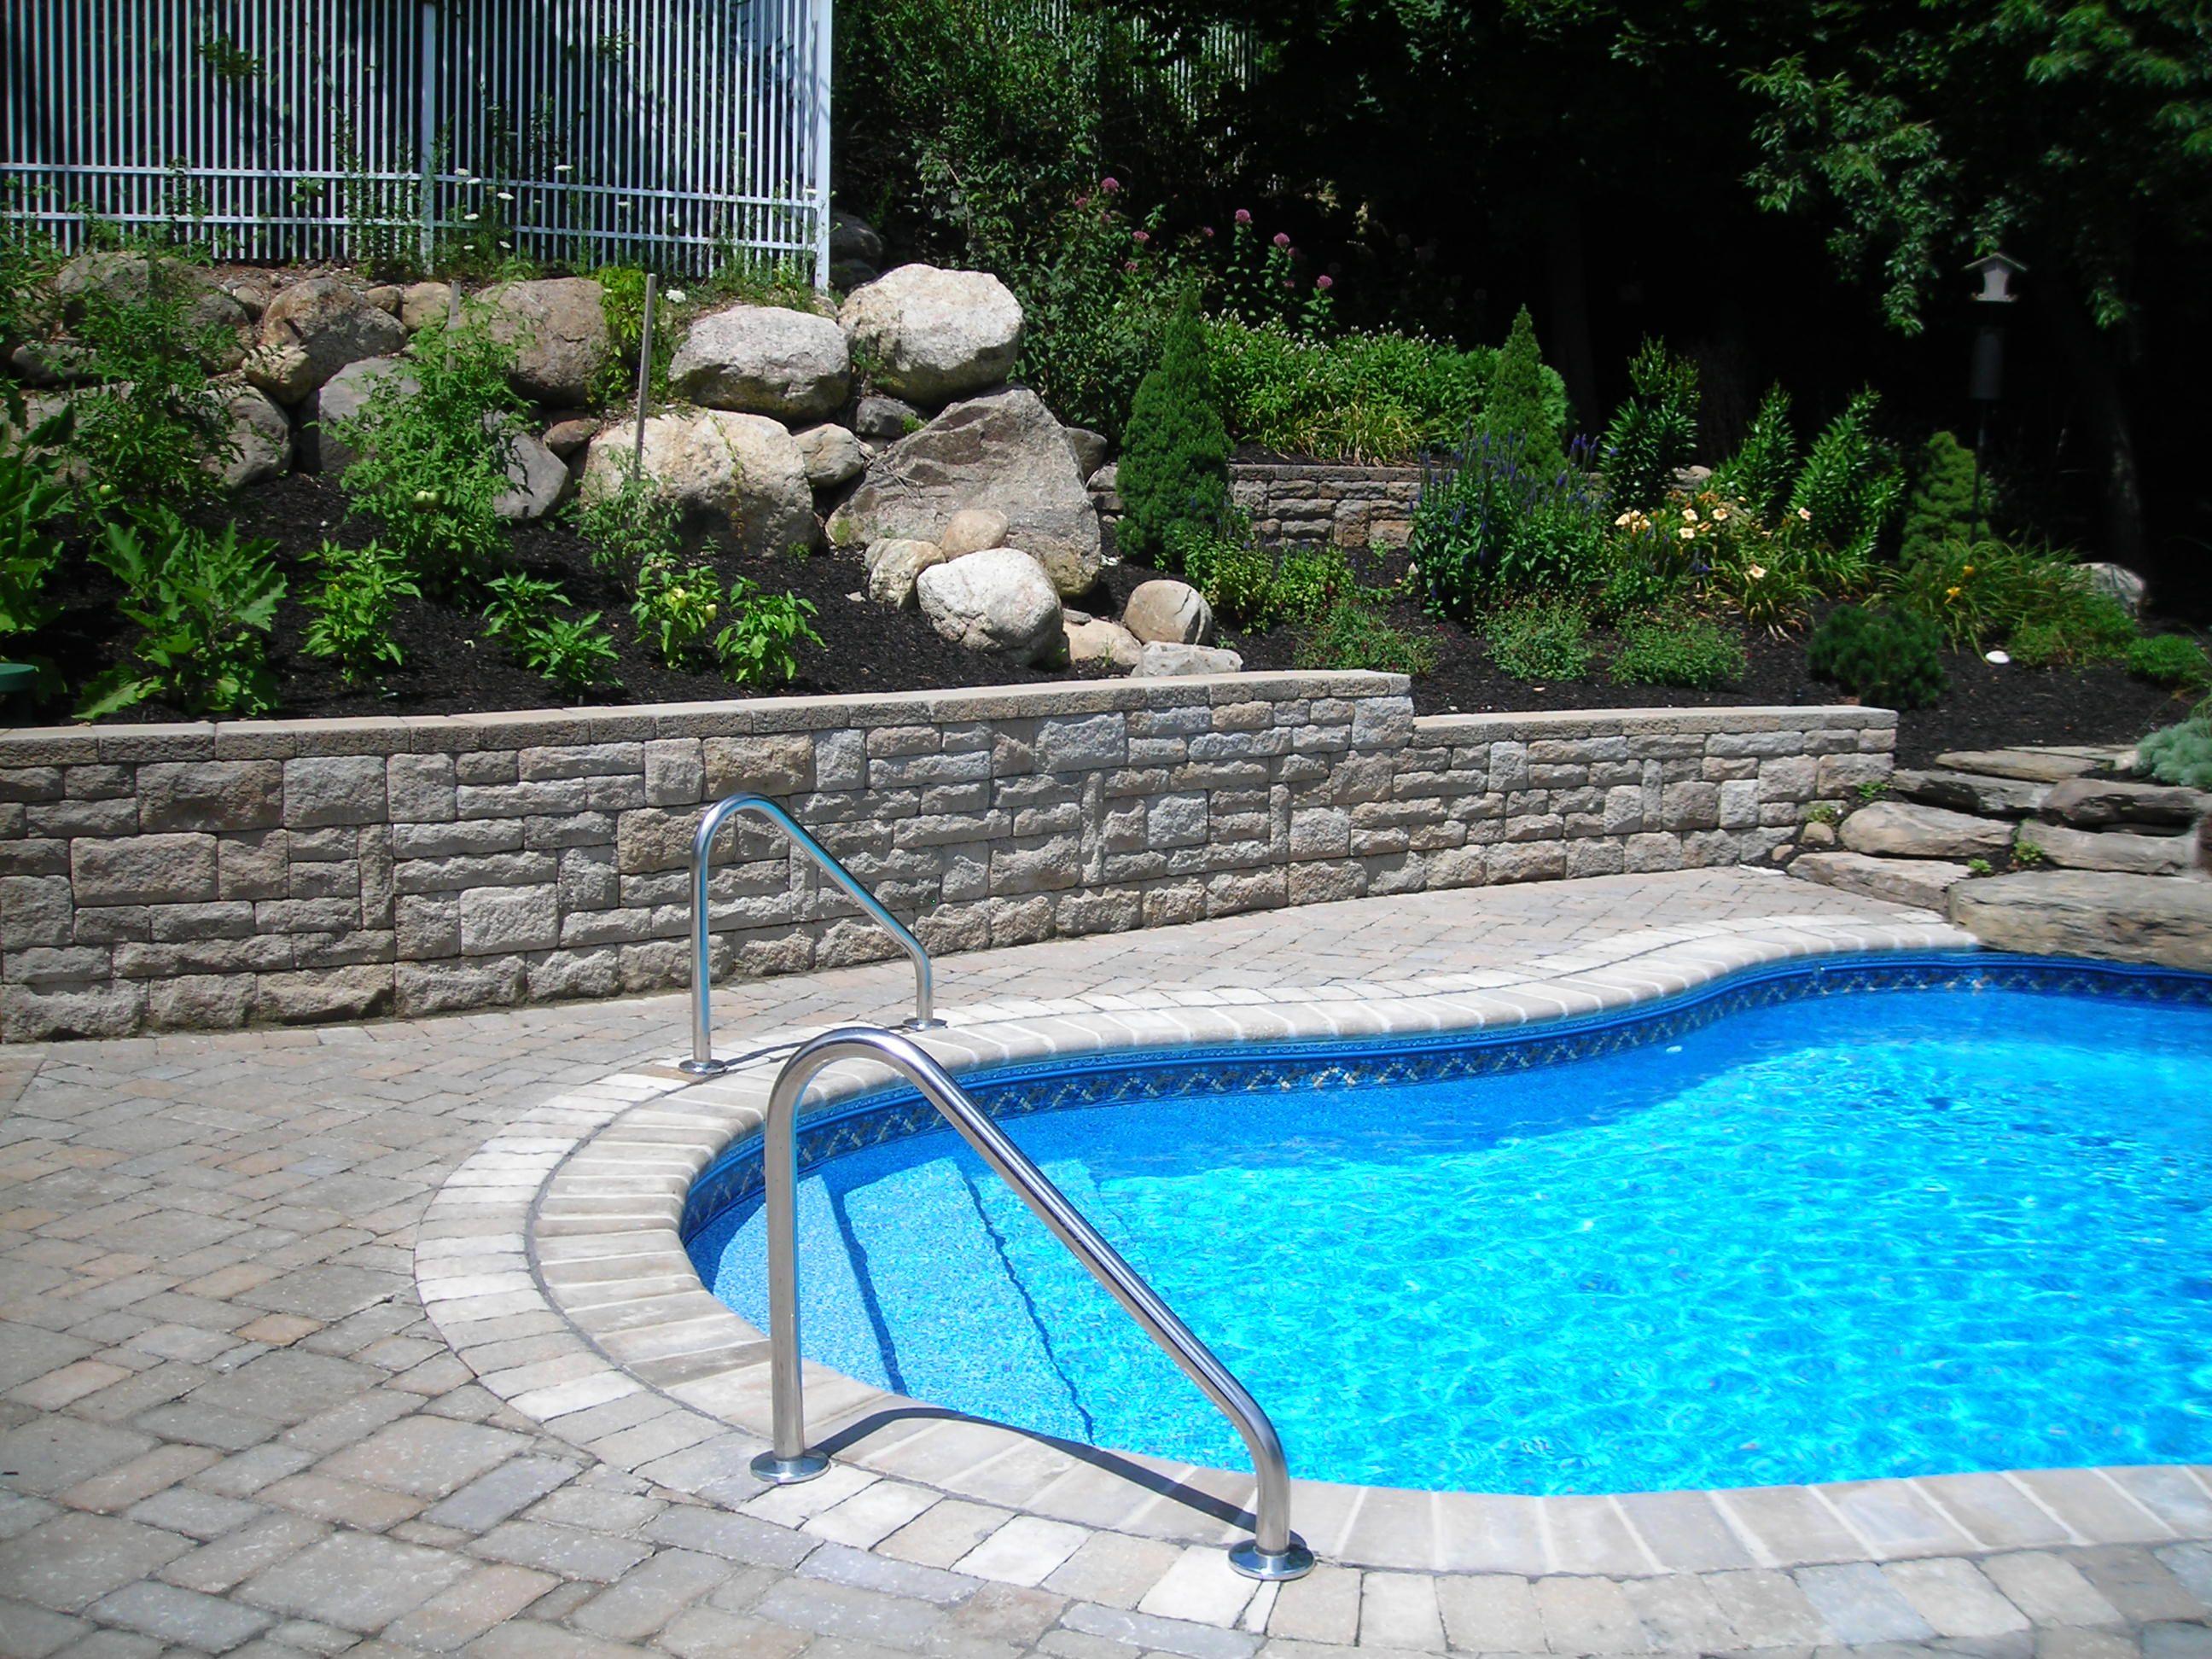 B B Pool And Spa Blog Inground Pool Landscaping Swimming Pools Inground Backyard Pool Landscaping